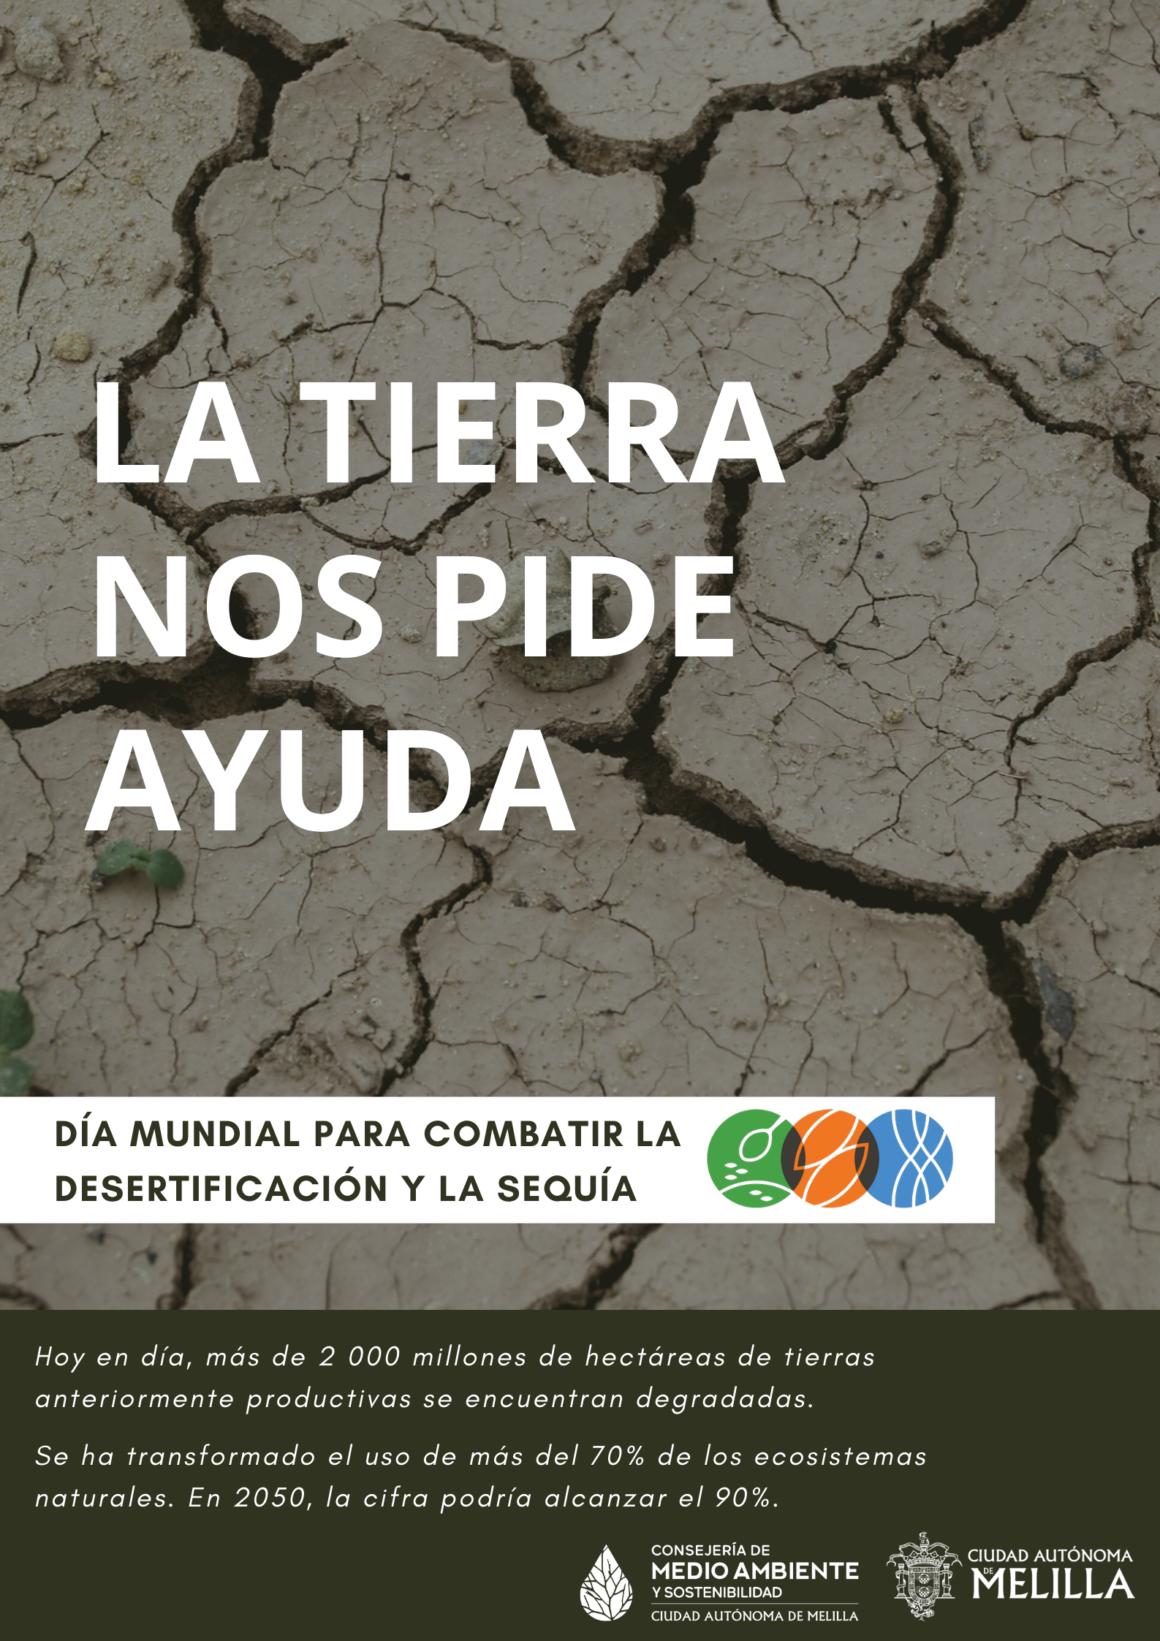 Día Mundial para combatir la Desertificación y la Sequía